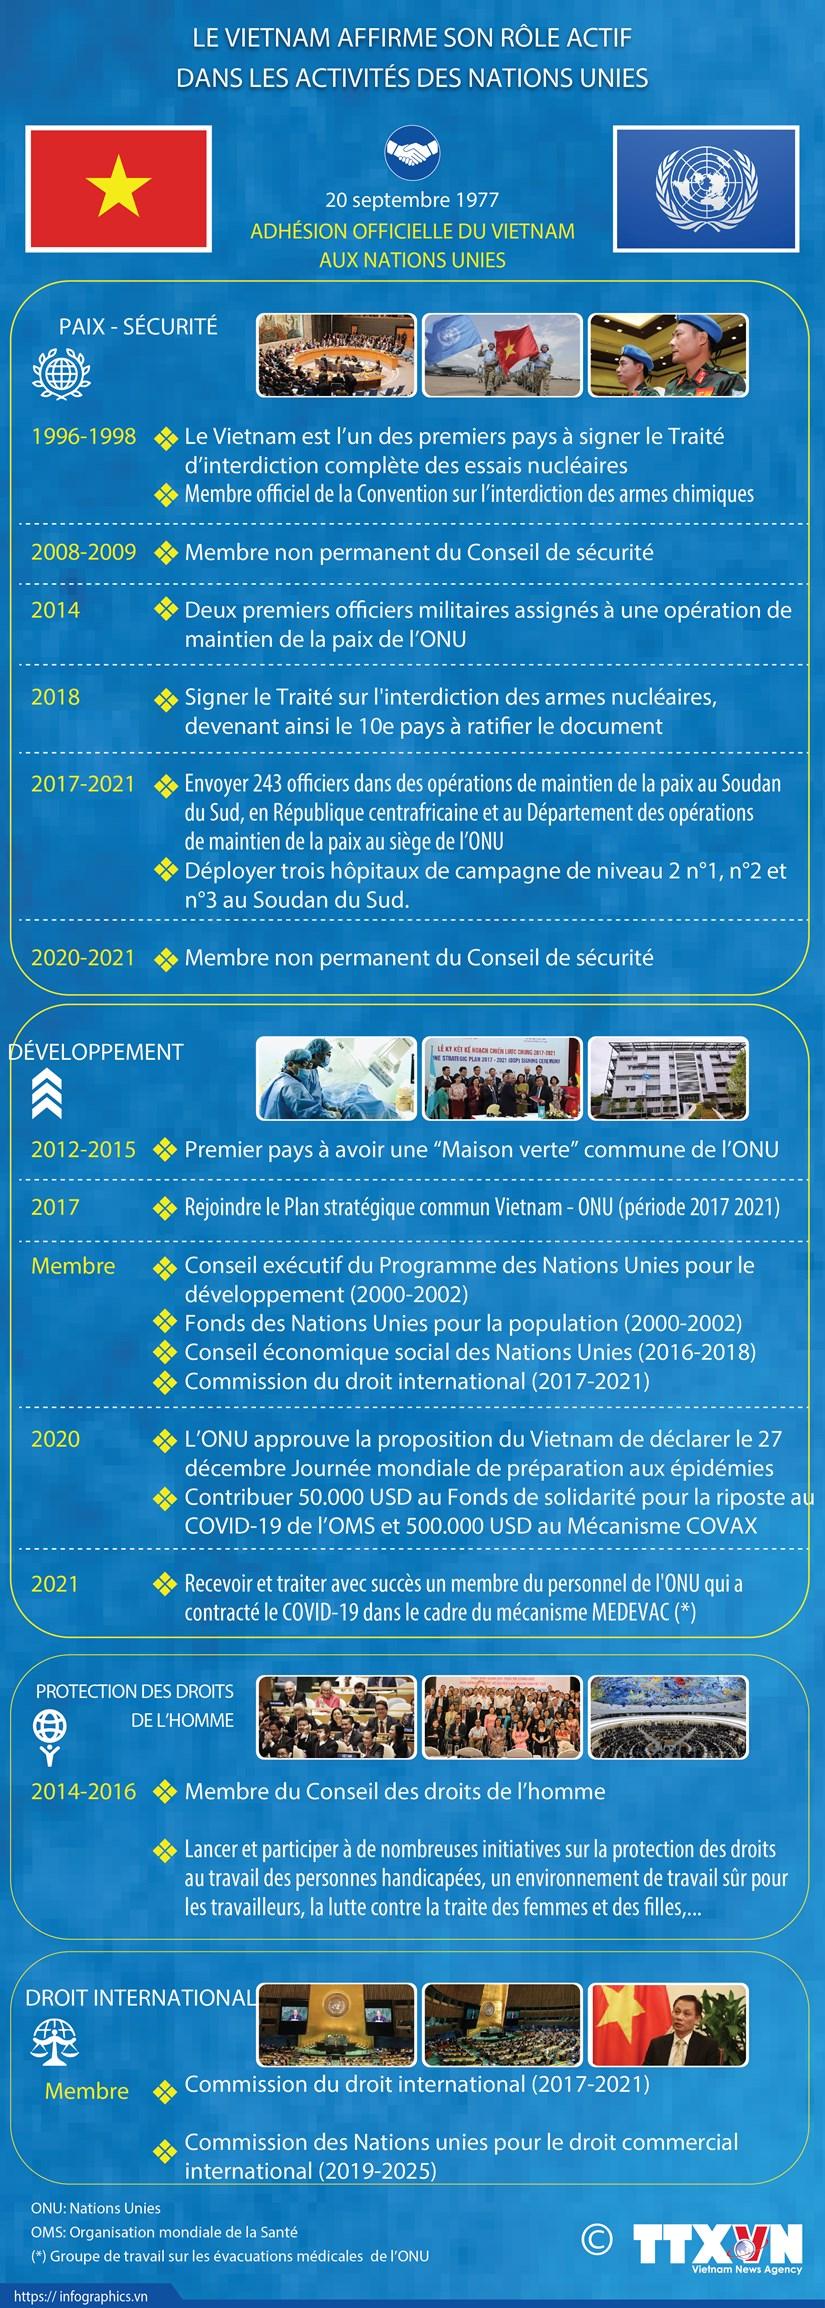 Le Vietnam affirme son role proactif et actif dans les activites des Nations Unies hinh anh 1